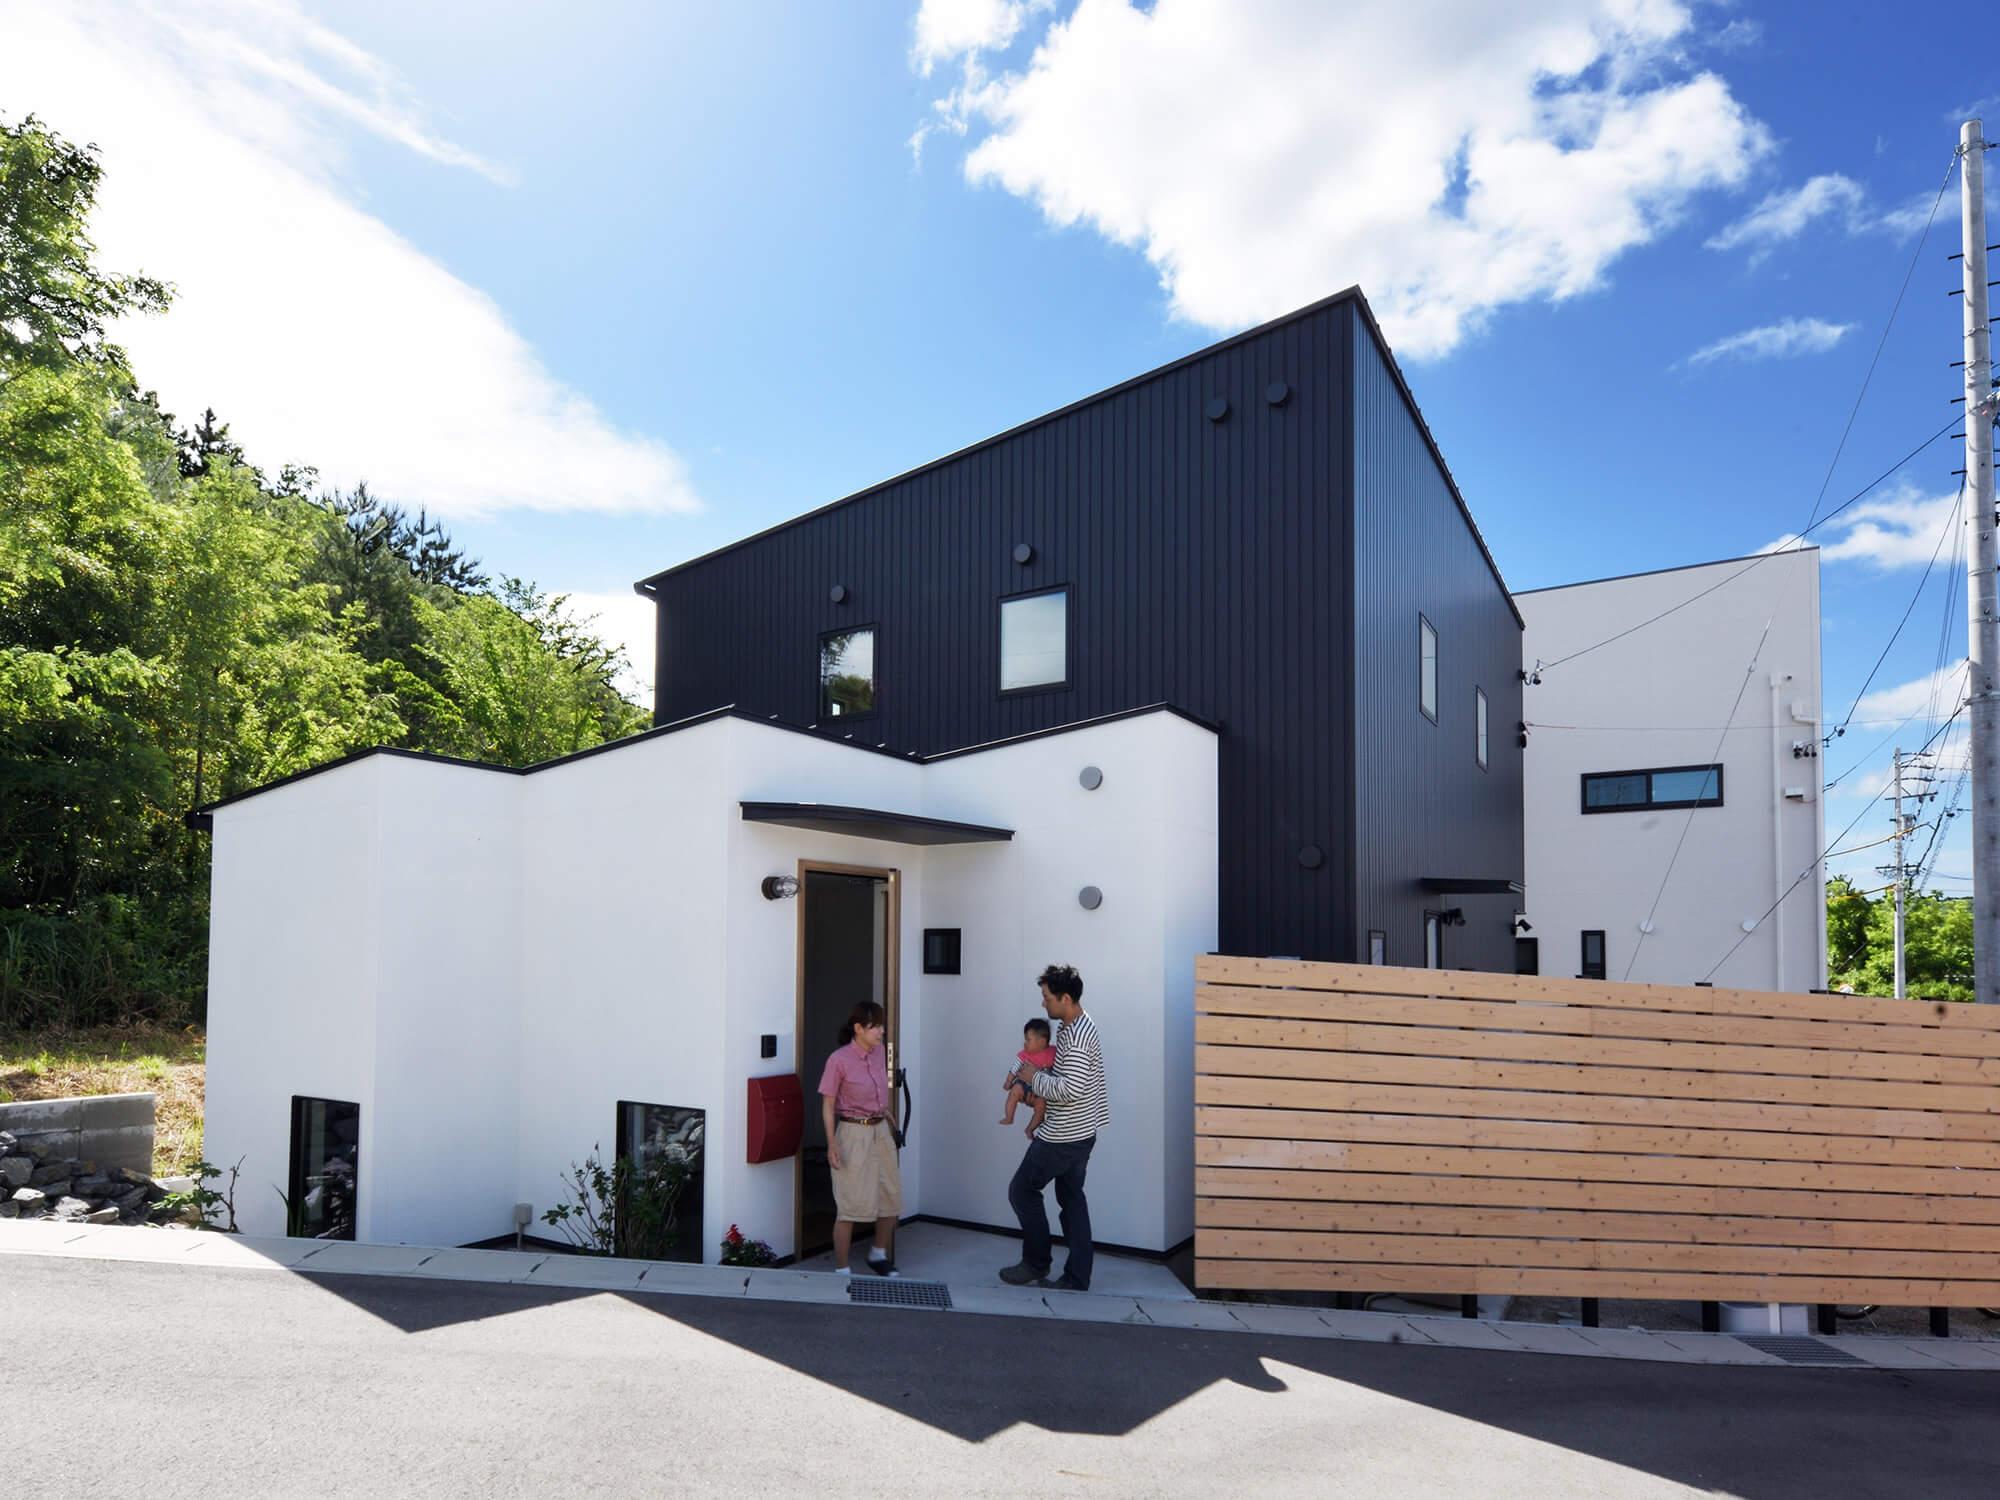 裏山のある家10|愛知県名古屋市|Natureスペース施工事例